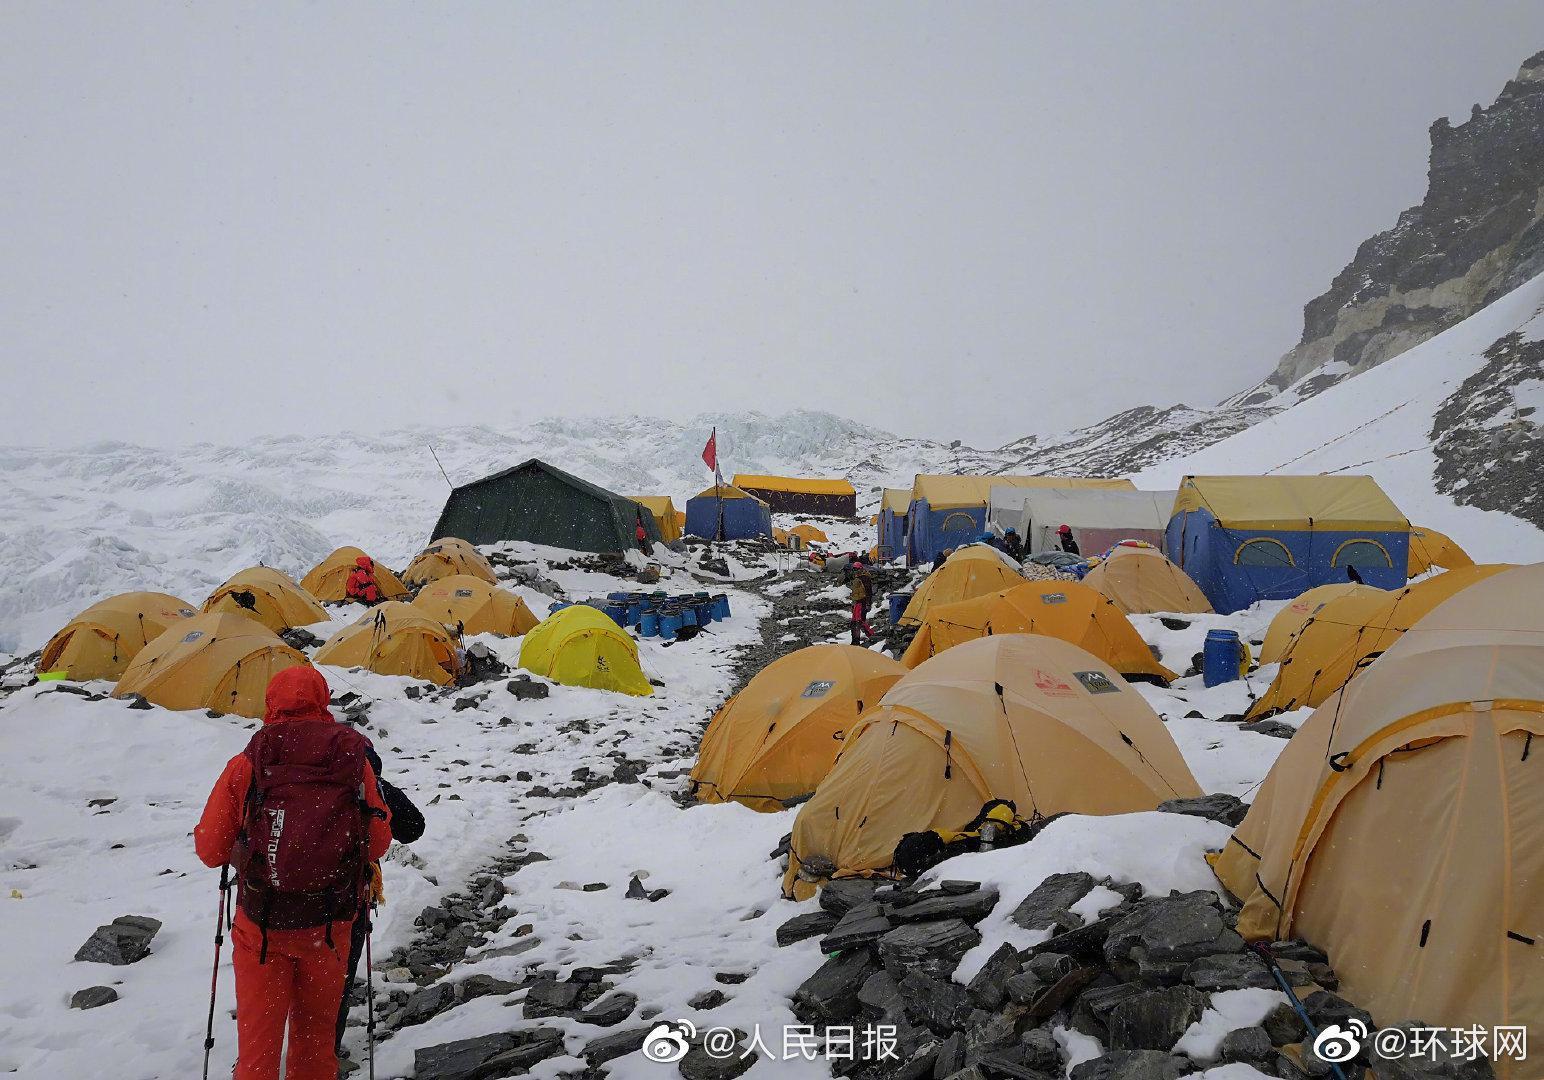 珠峰测量登山队员抵达6500米营地图片